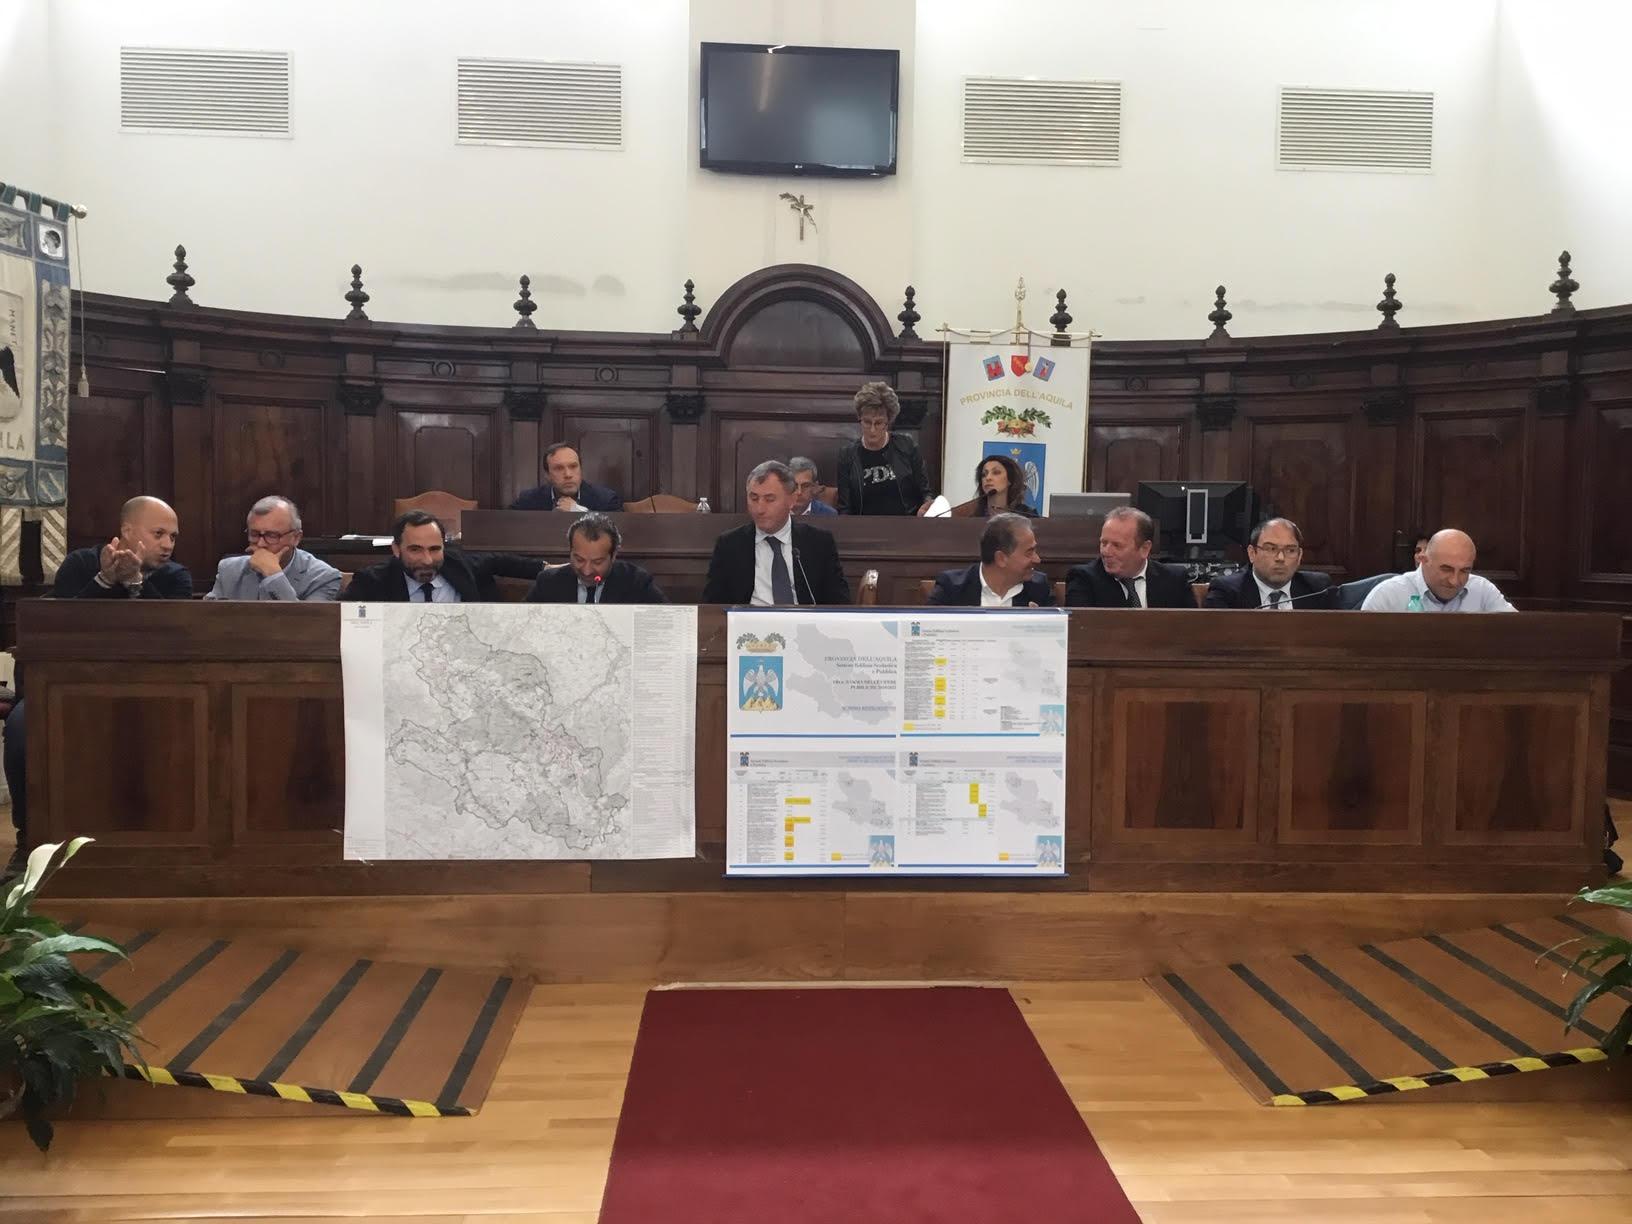 Assembleare dei sindaci e consiglio provinciale su approvazione DUP e bilancio 2019/2021